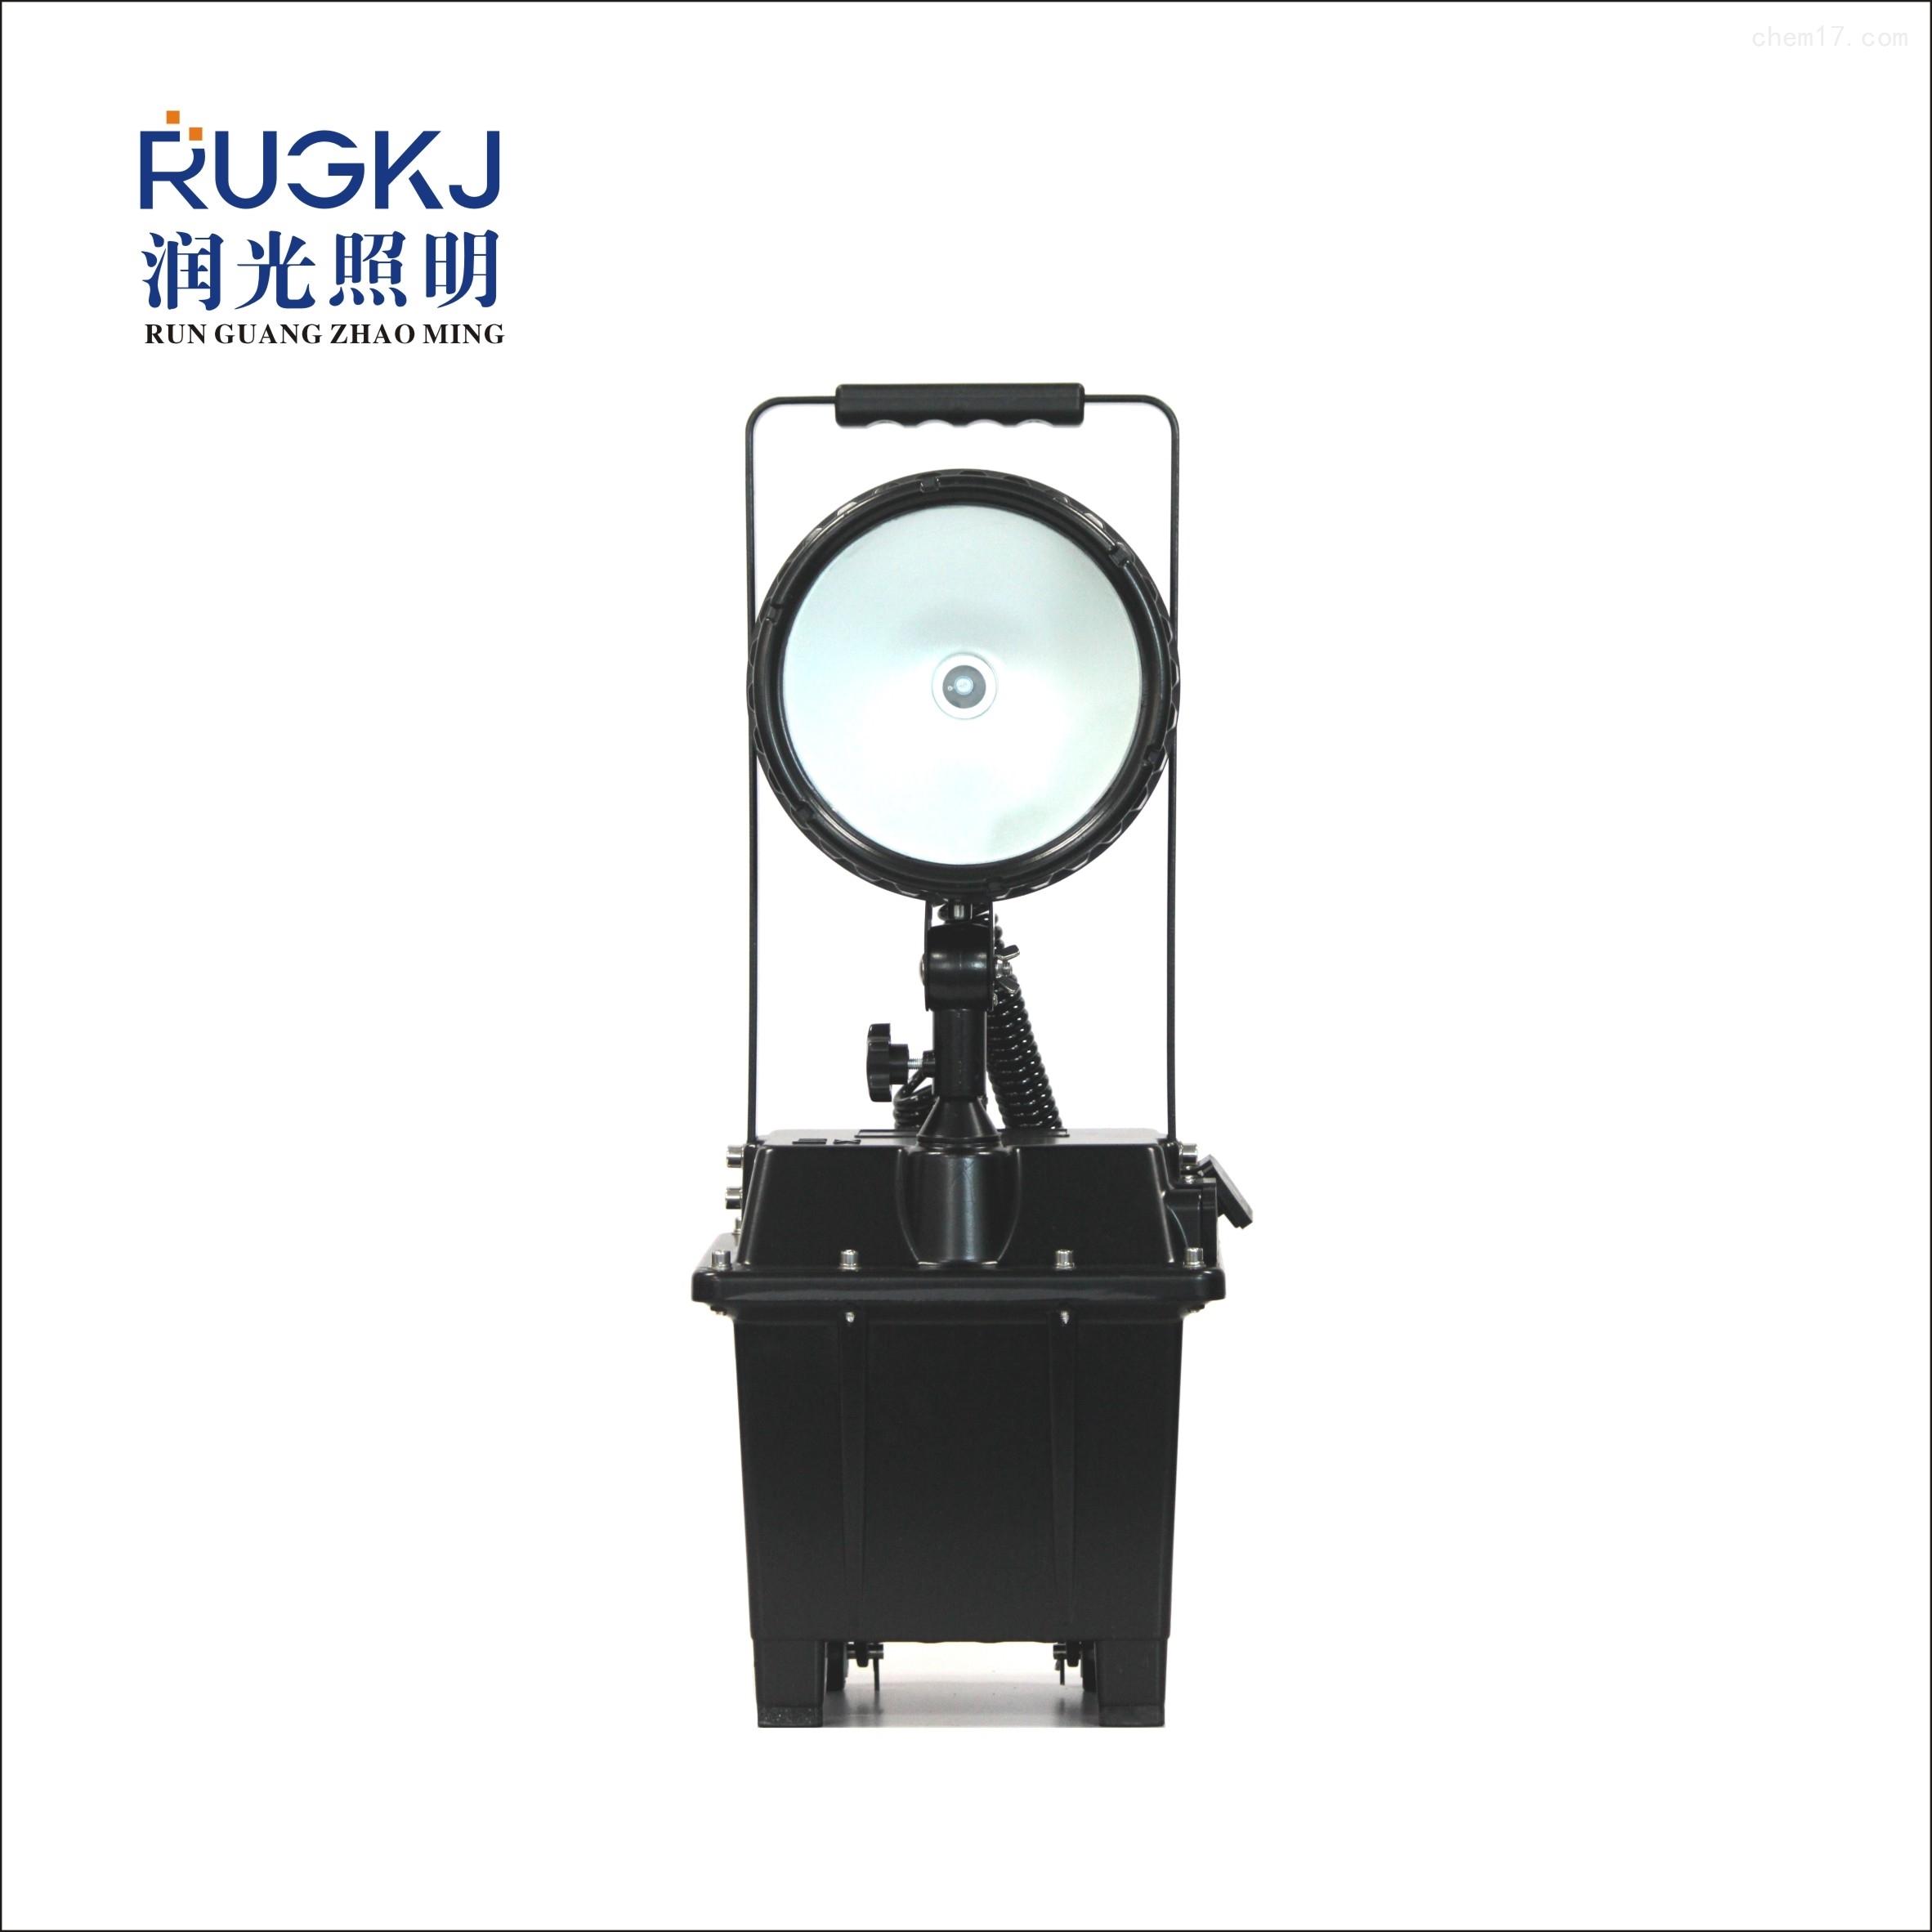 润光照明-FW6101防爆移动工作灯氙气灯现货